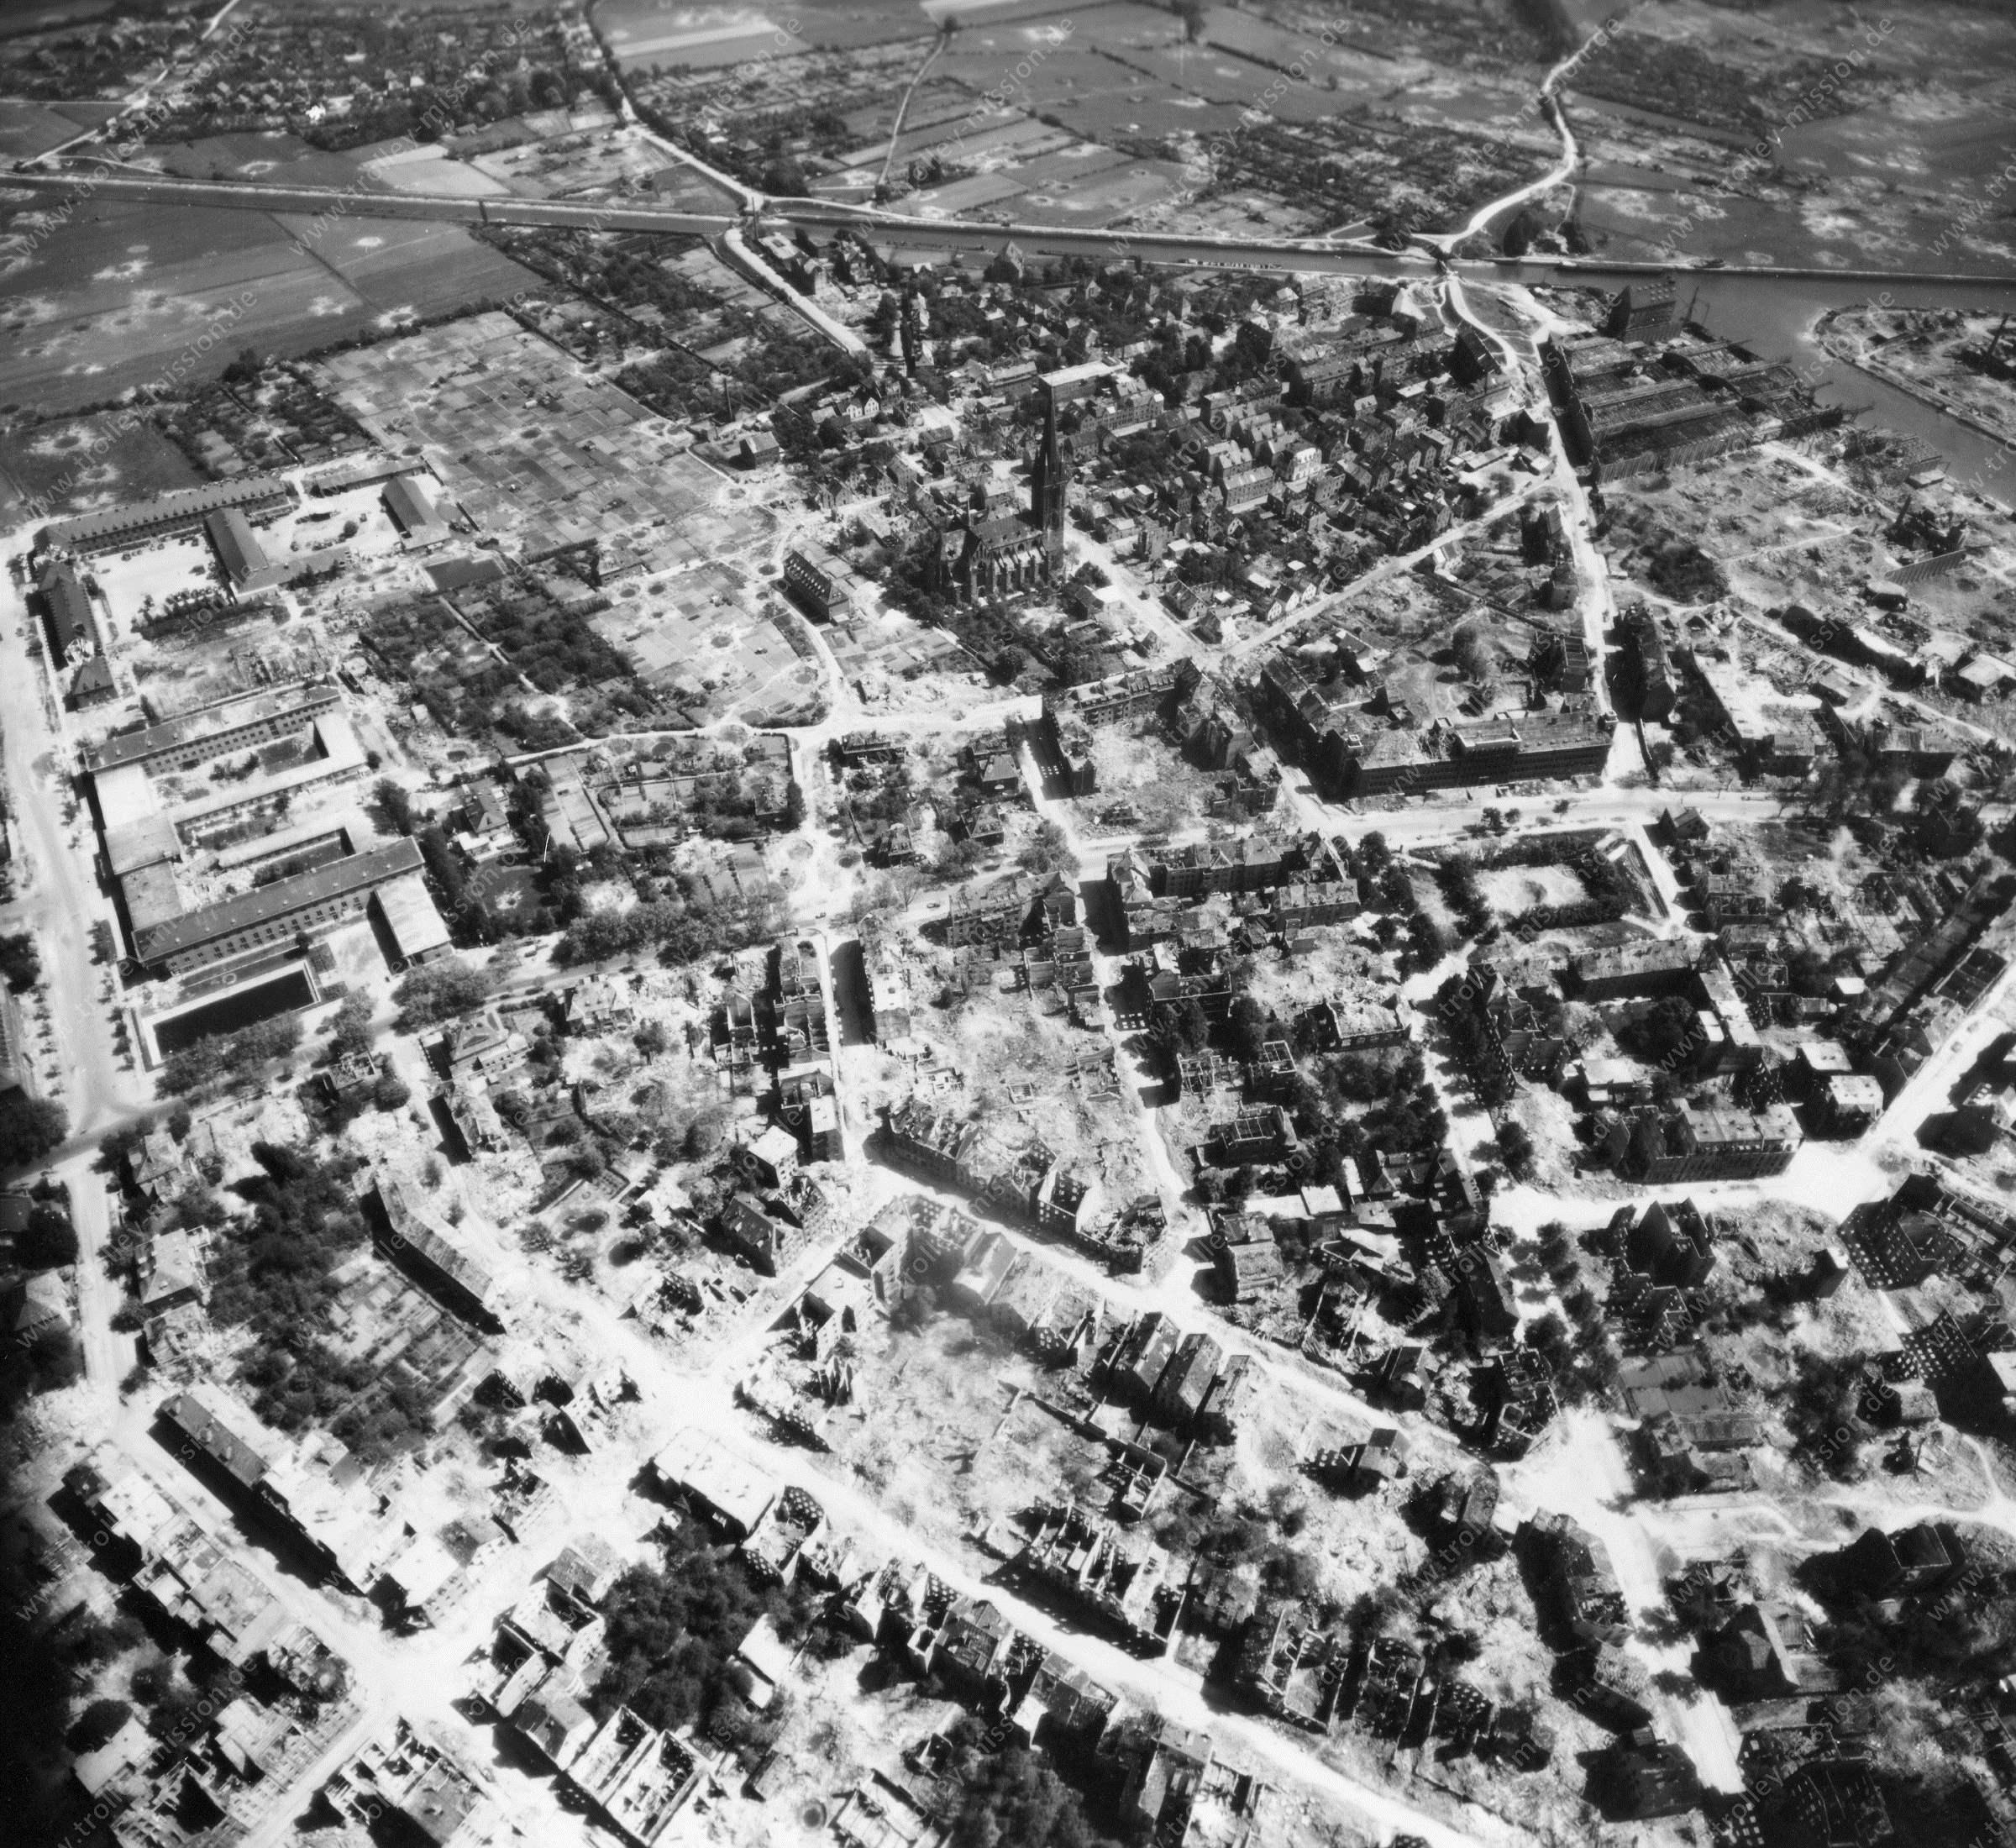 Luftbild von Münster am 12. Mai 1945 - Luftbildserie 11/11 der US Air Force